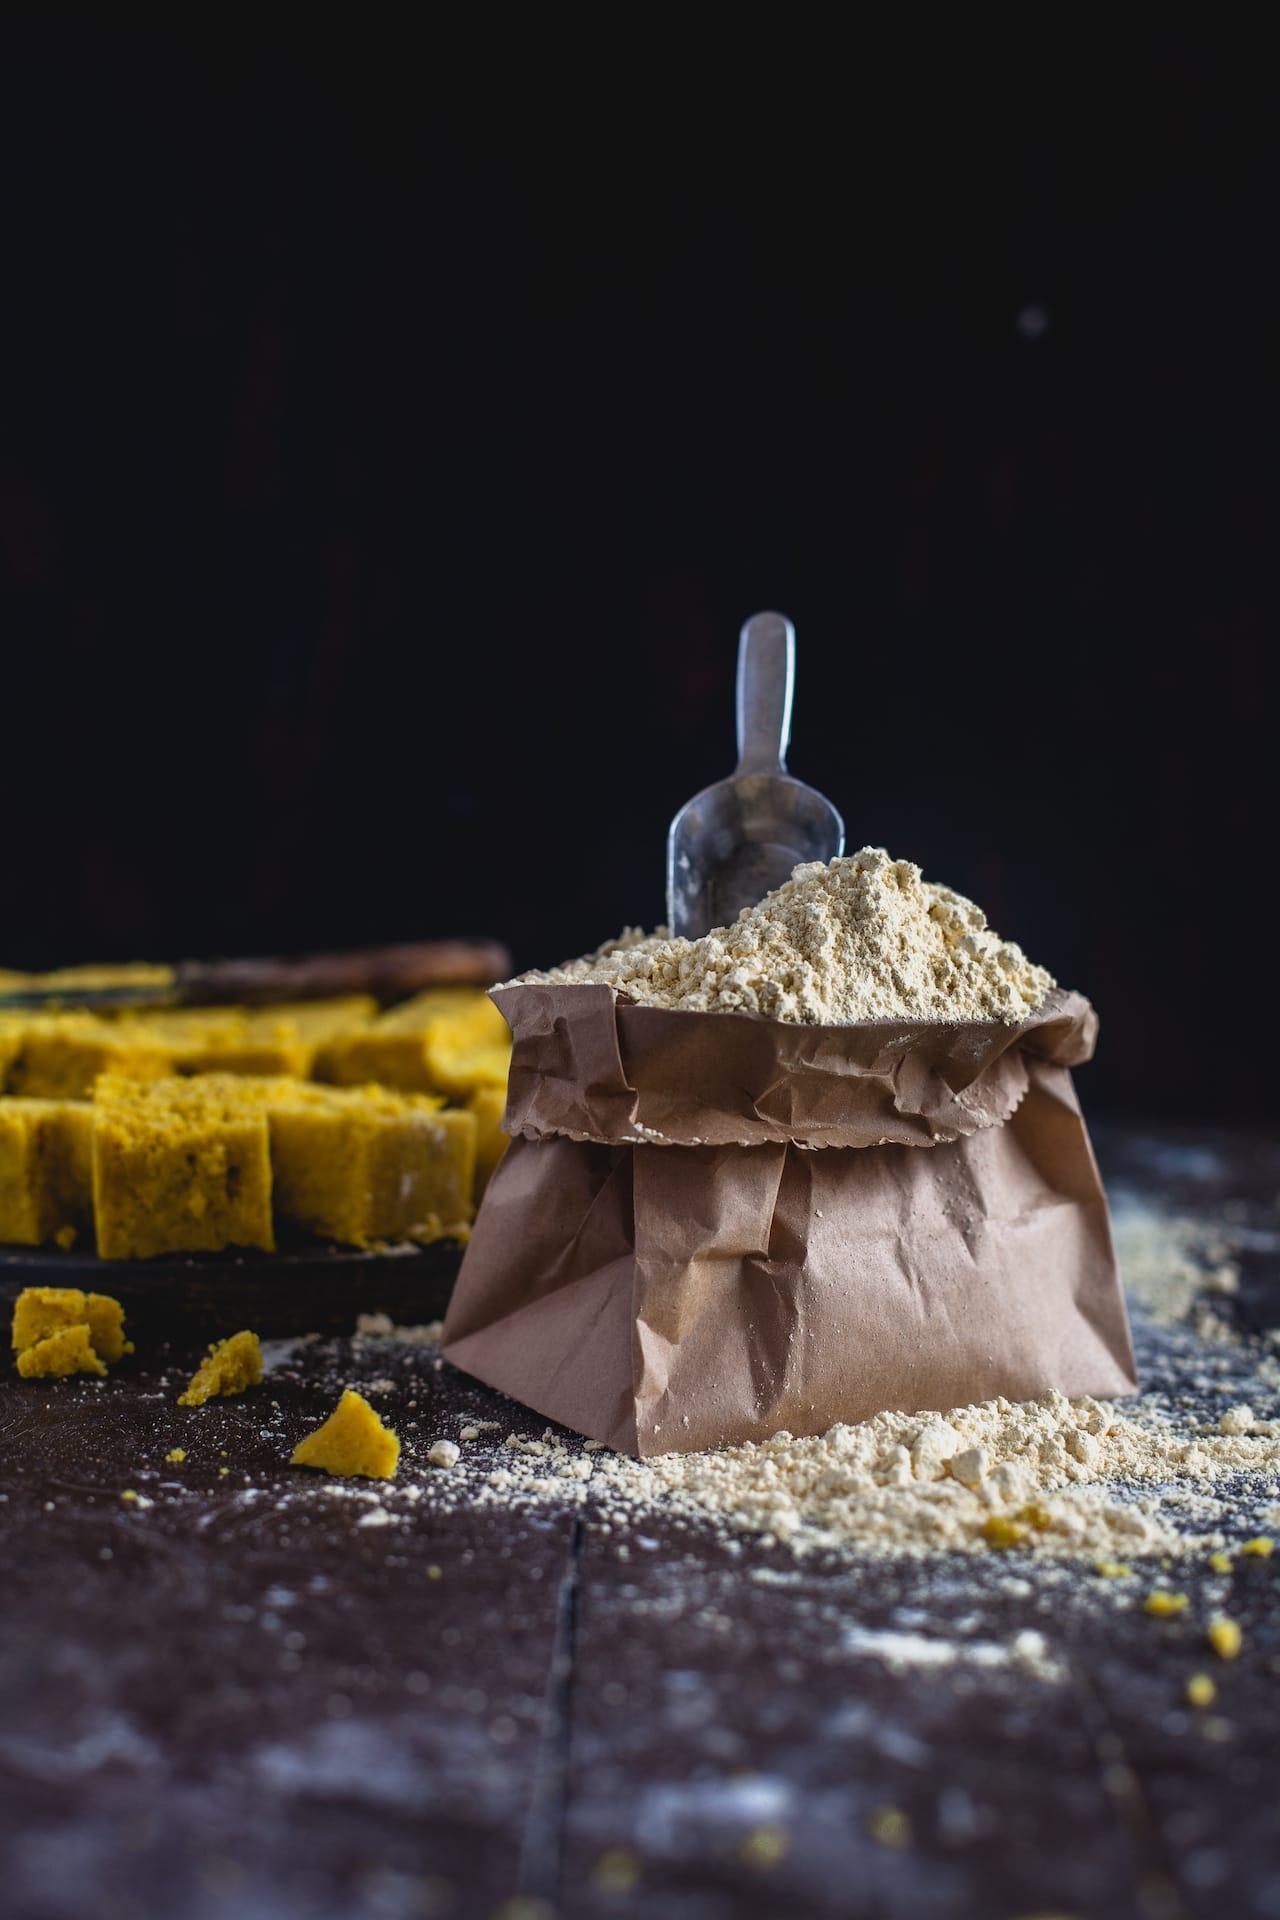 Besan Ki Sabzi (Chickpea Cake Stir Fry) | Playful Cooking